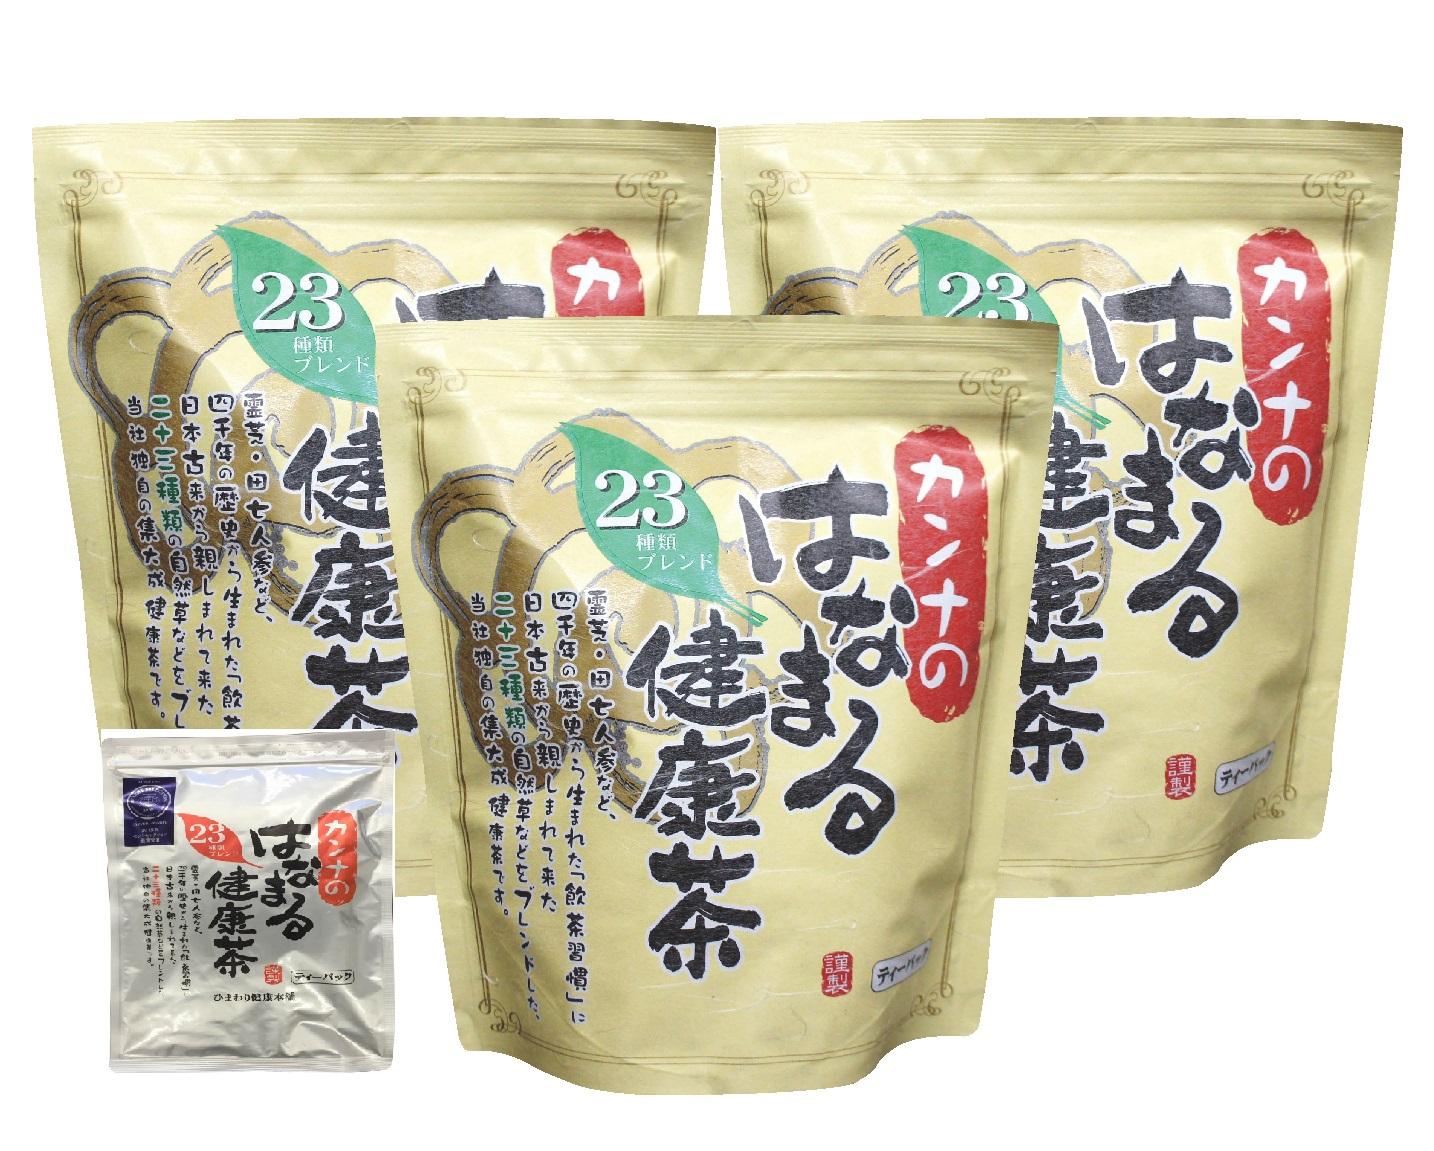 【初回限定プレゼント付】はなまる健康茶 3袋セット【送料・代引無料】